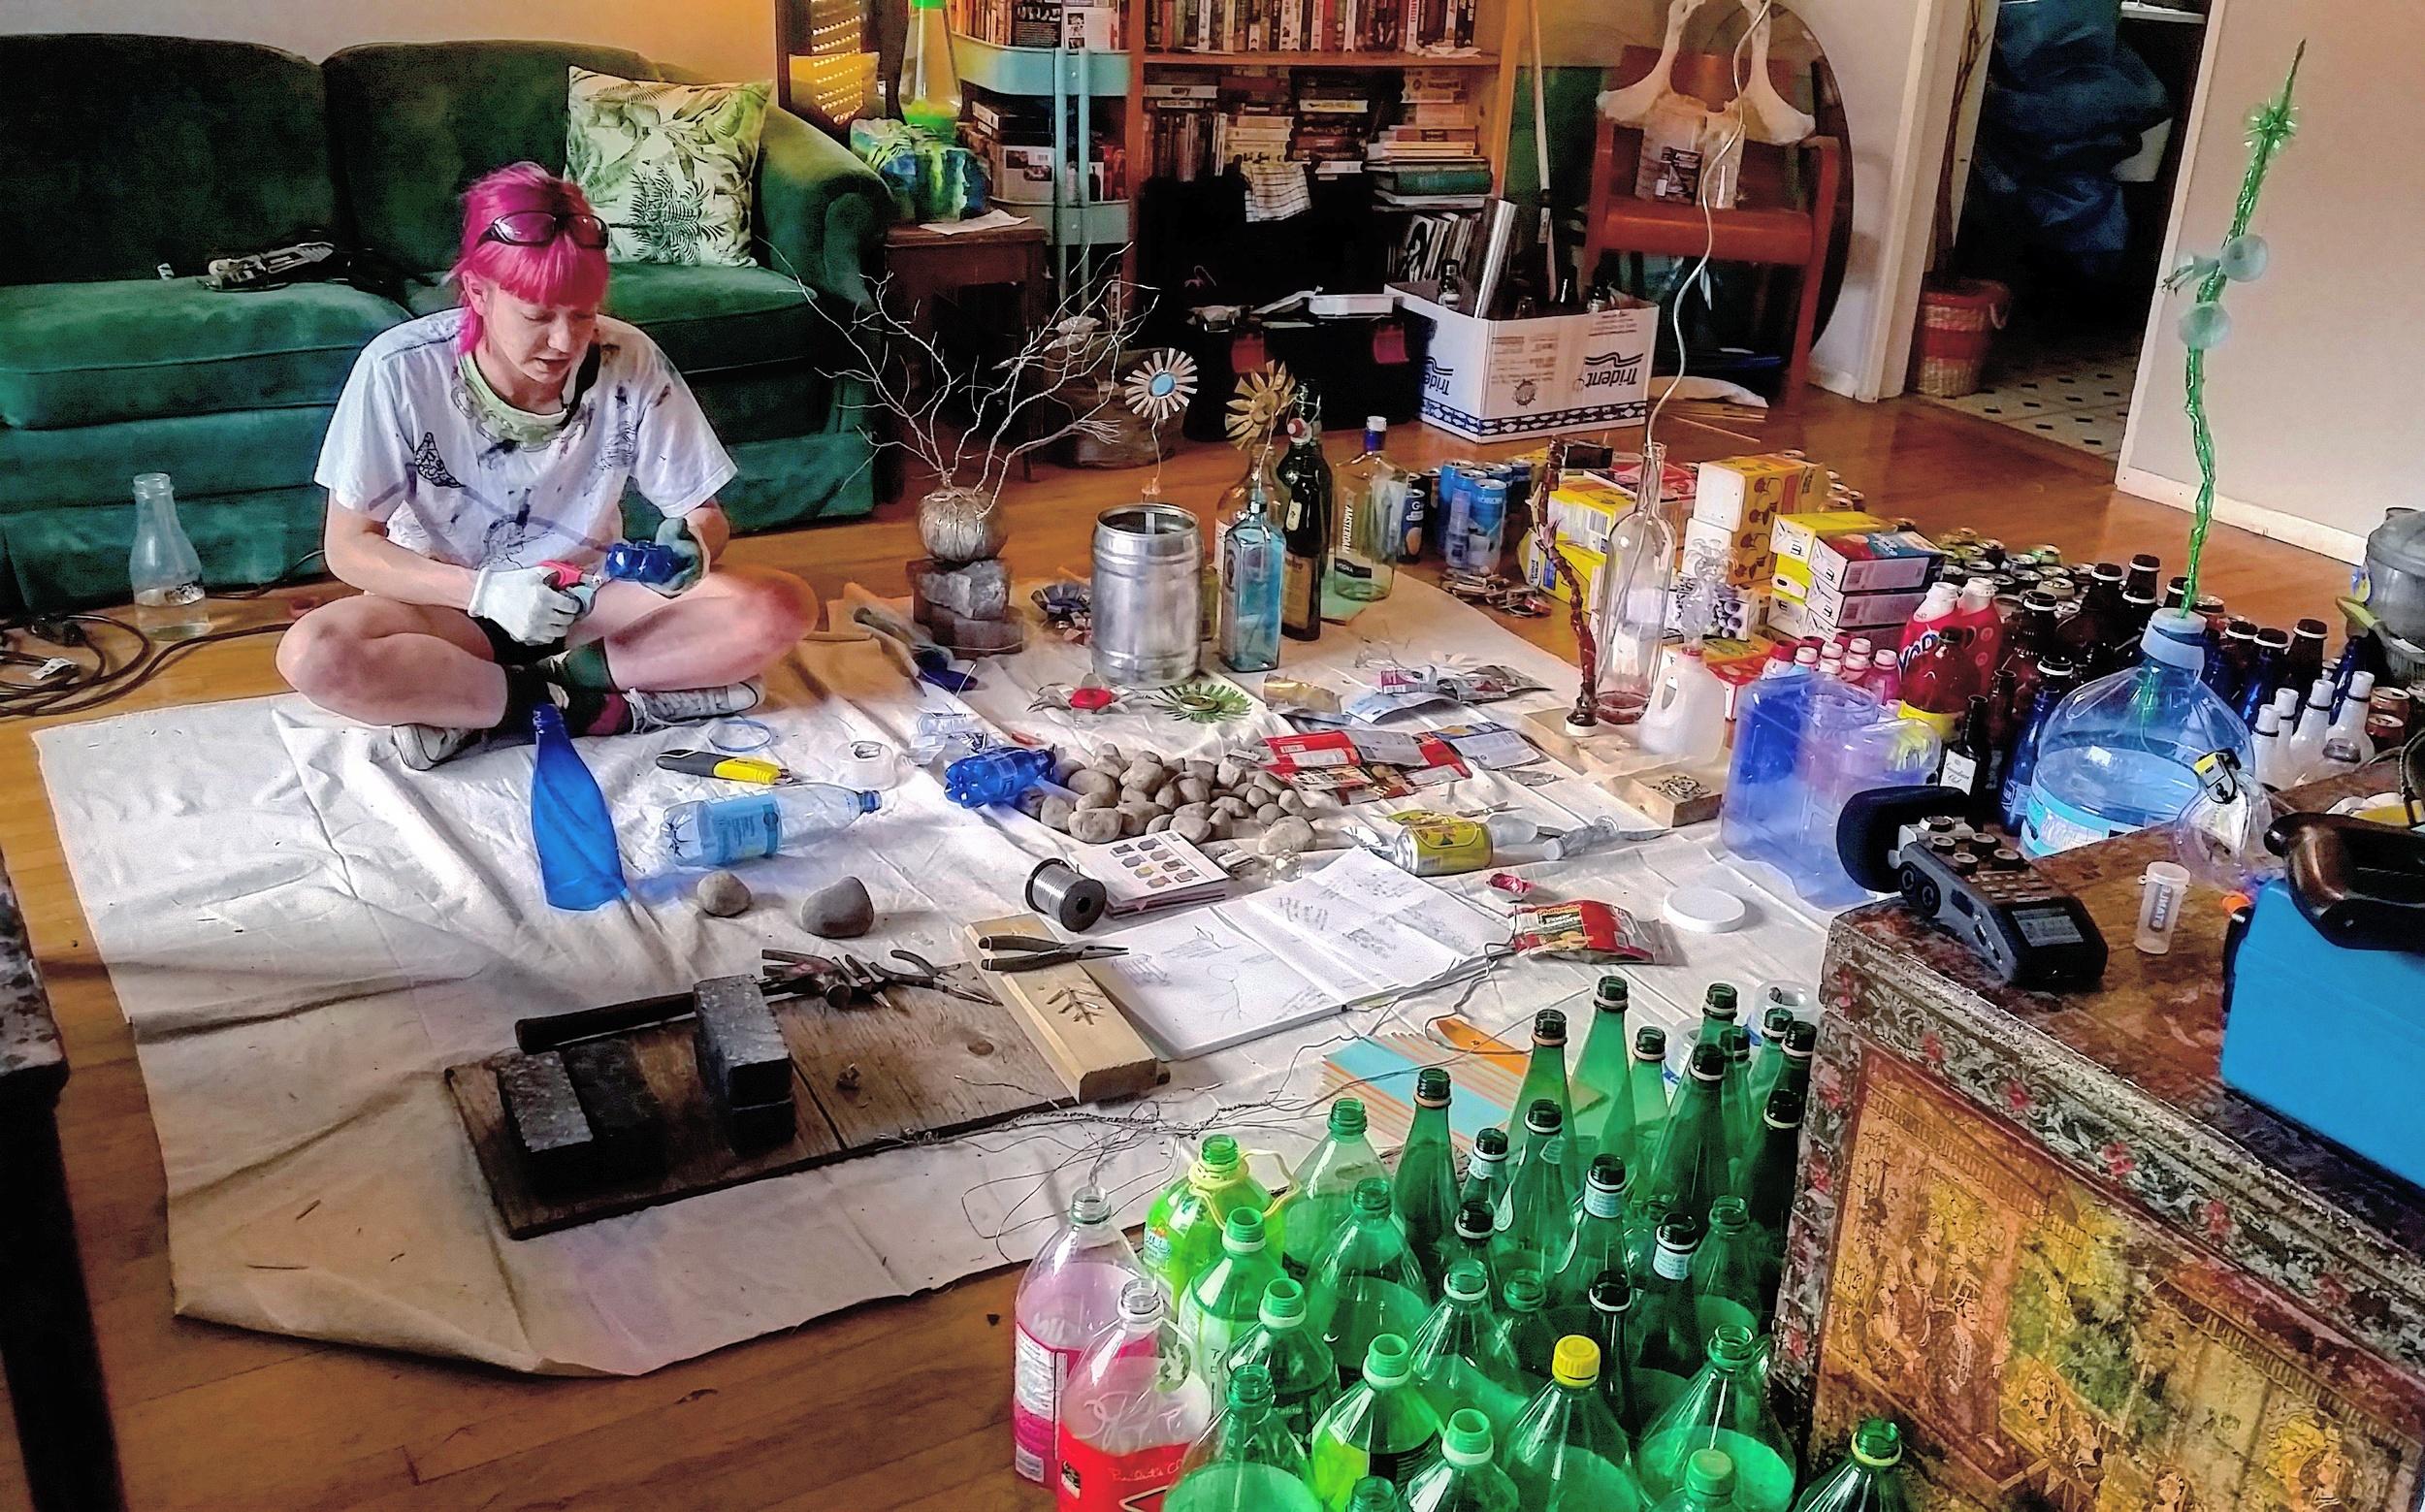 art-of-recycling-1.jpeg